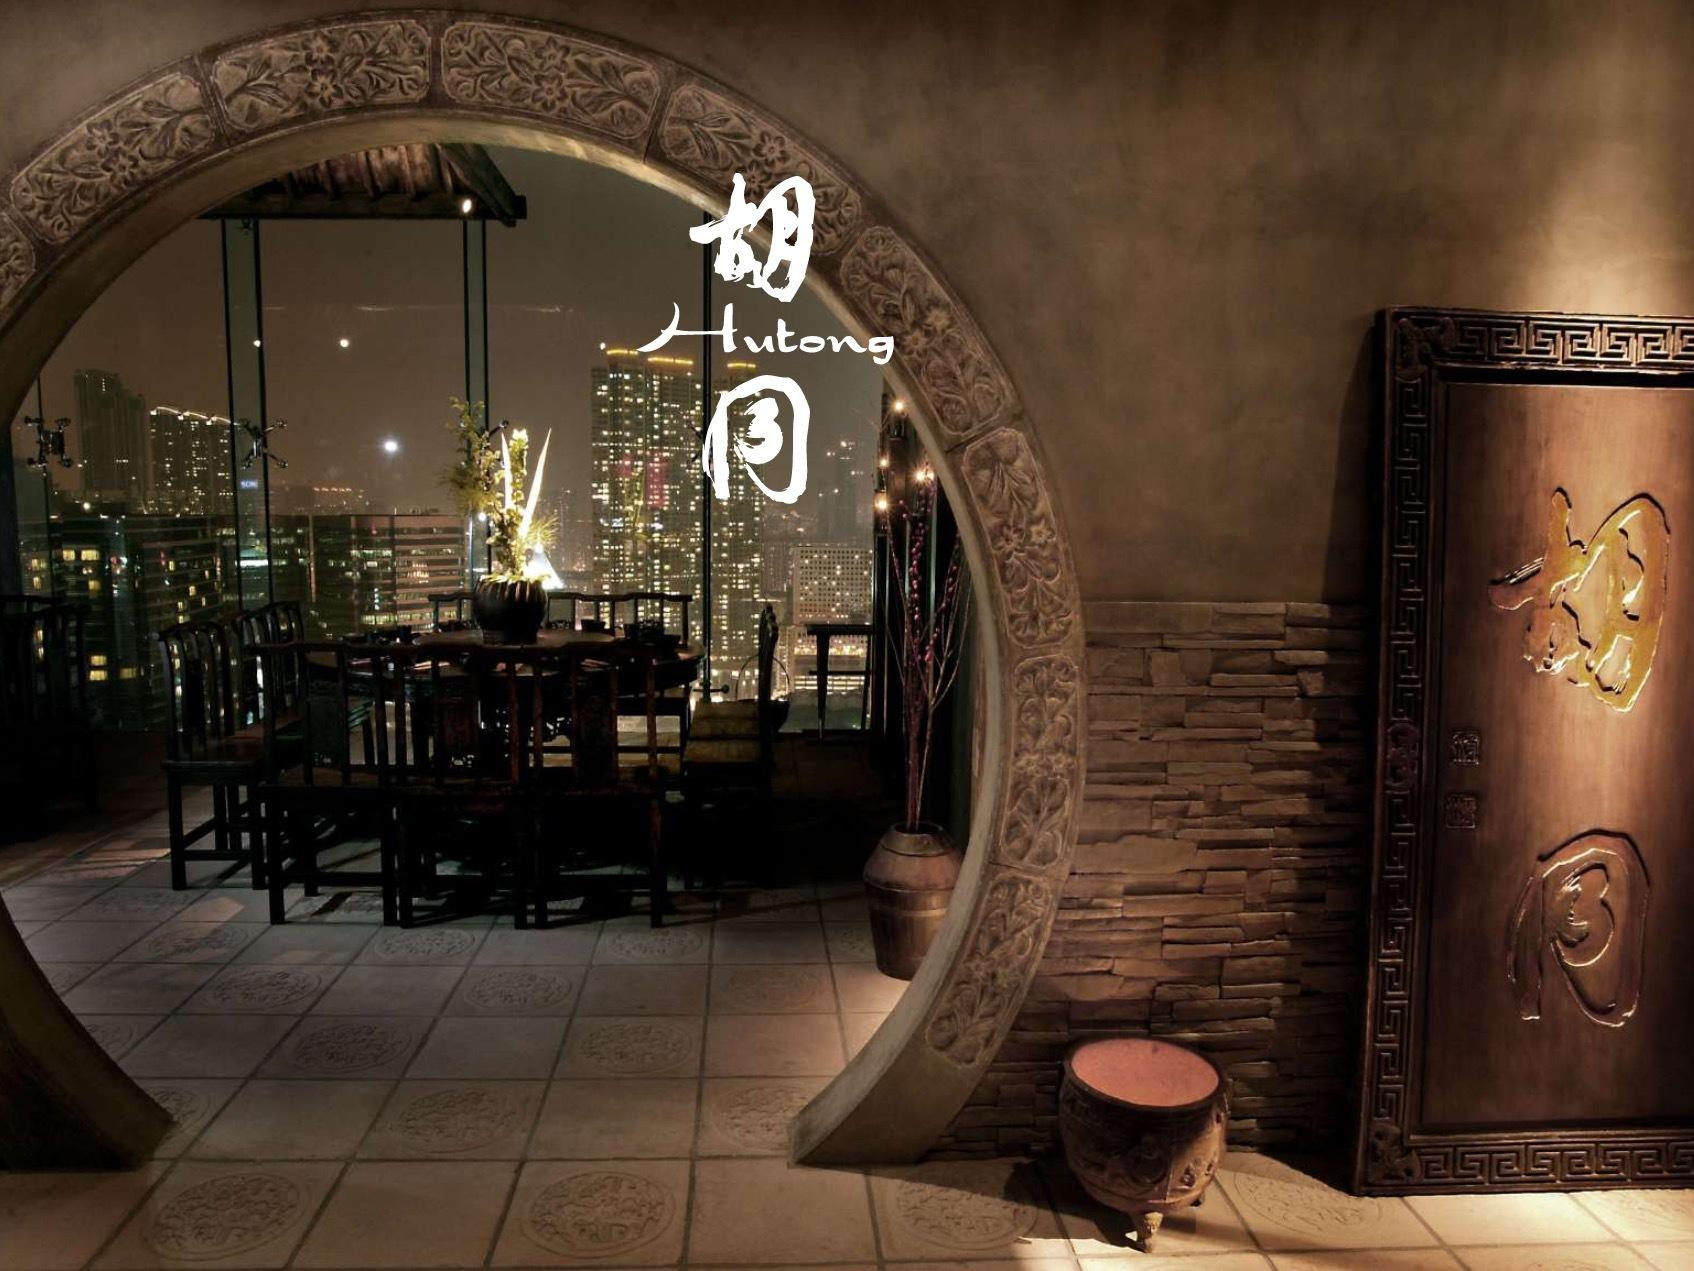 ラストディナーは夜景がご馳走でした。_b0210699_03574485.jpeg